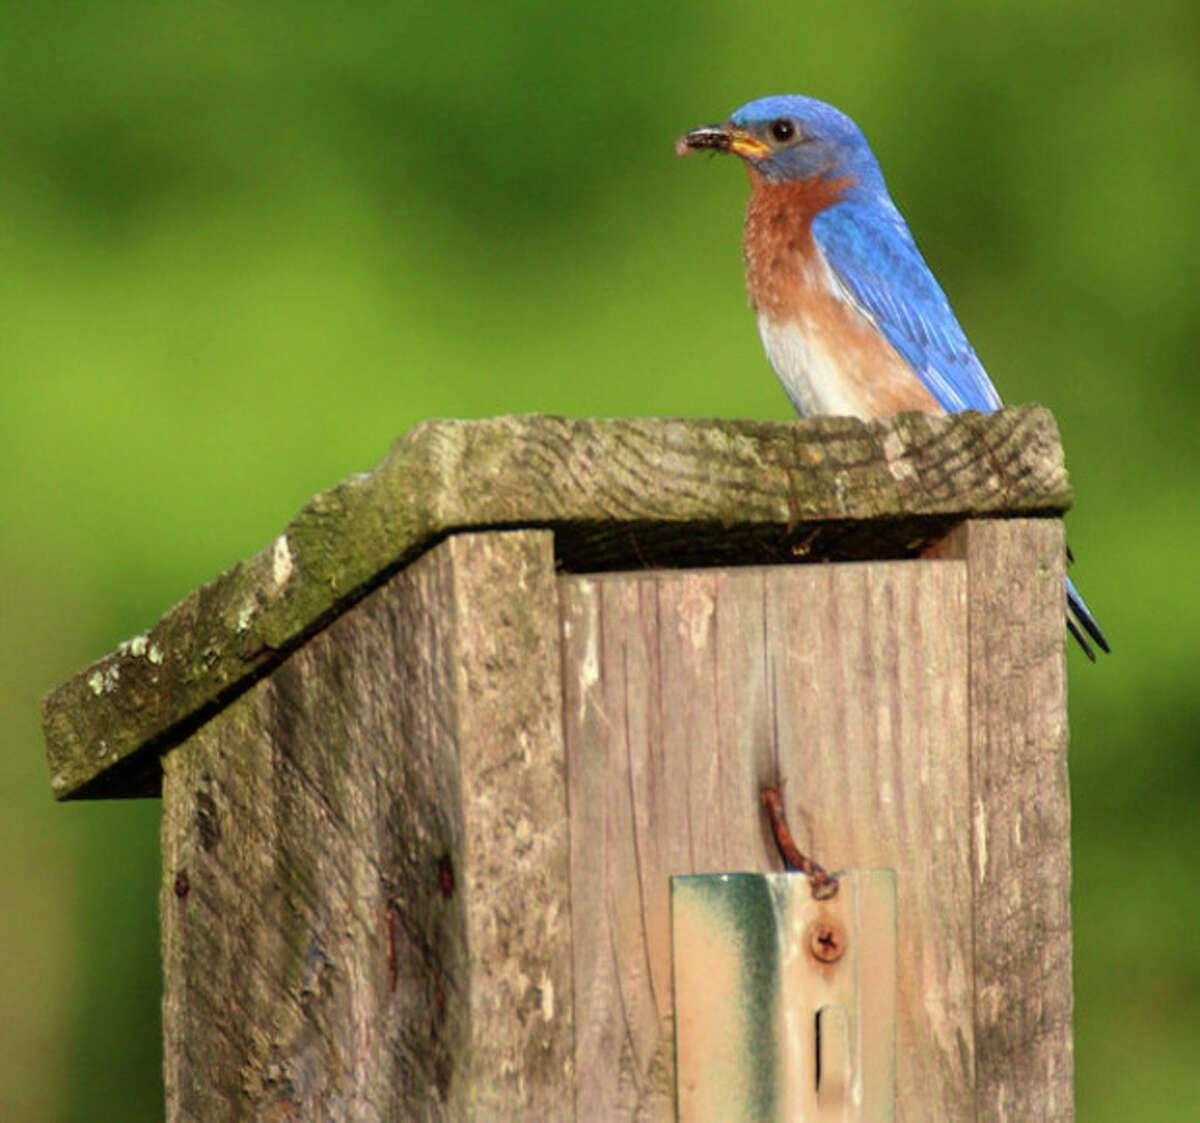 Photo by Chris Bosak Eastern Bluebirds on Darien Land Trust property in Darien, CT. May 2013.